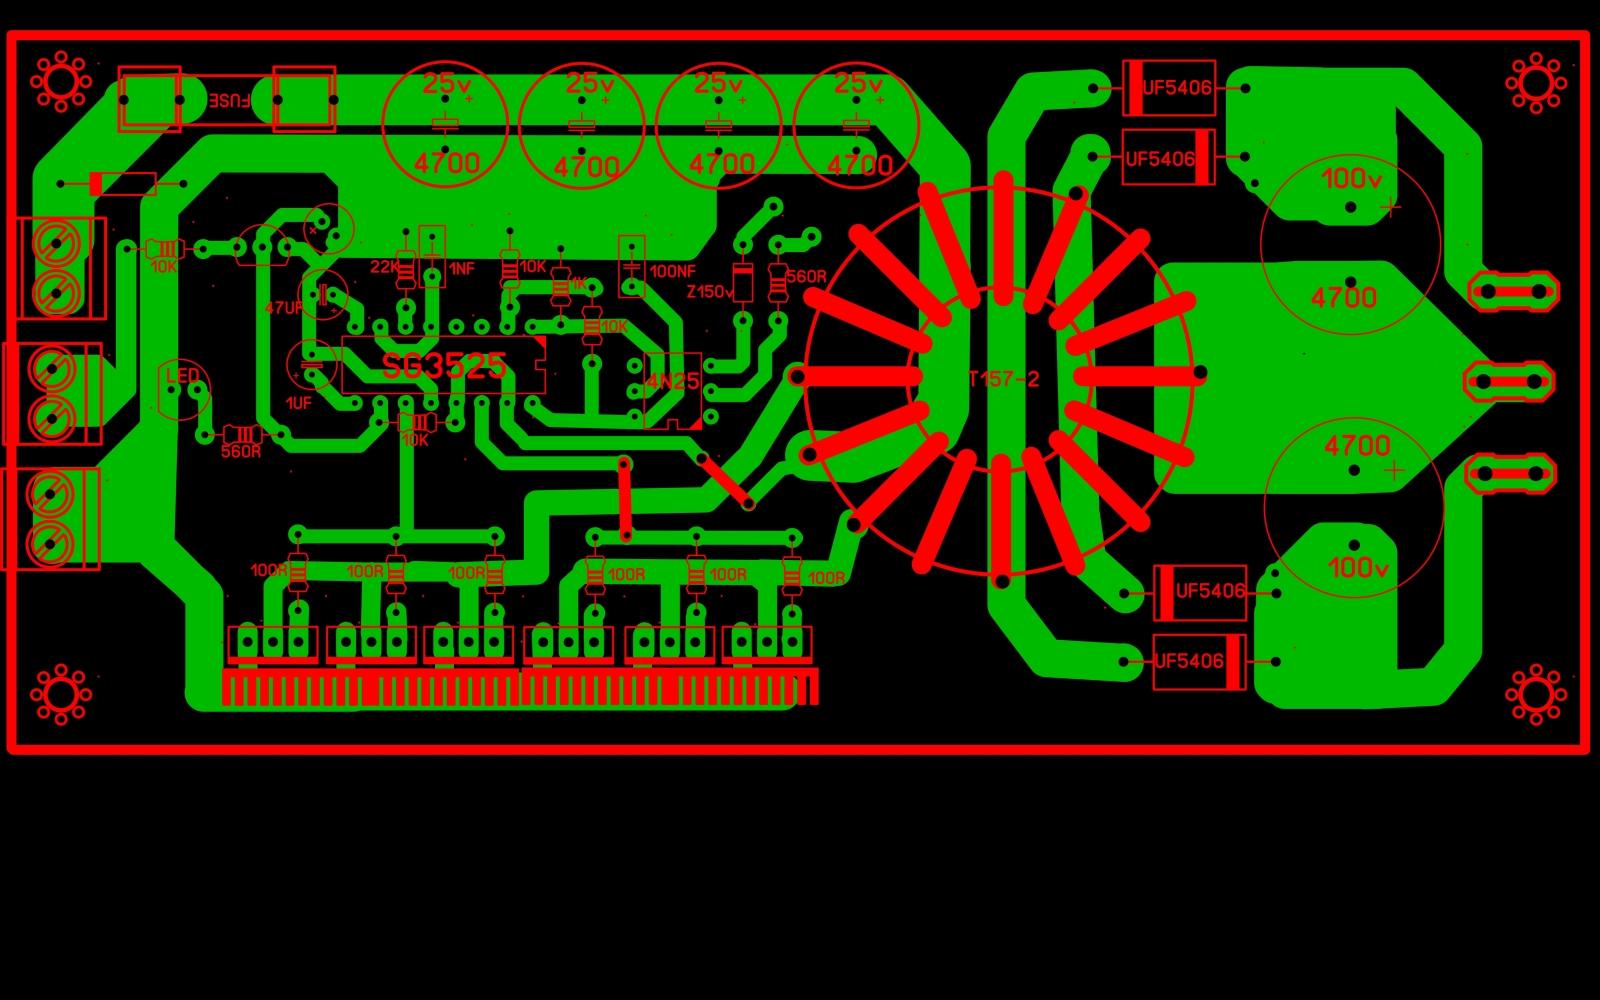 inversor de voltagem 12V para 110V ou 220V 5a4c2w